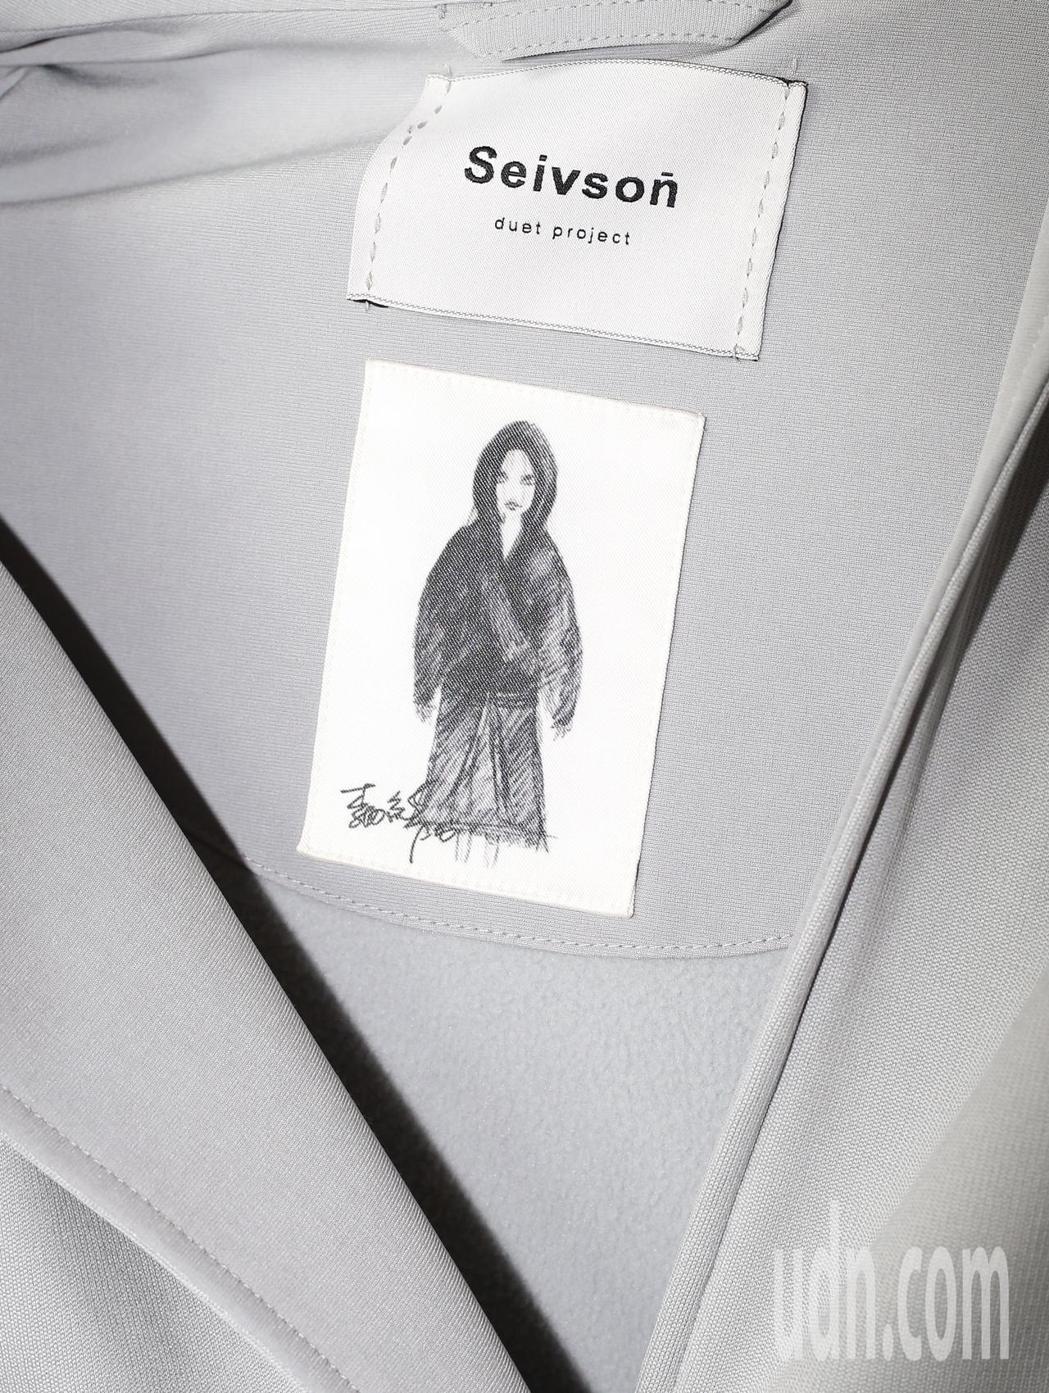 李毓芬為好友宋米秦的服裝品牌代言,她的聯名品牌服裝還有自己手繪的服標。記者許正宏...